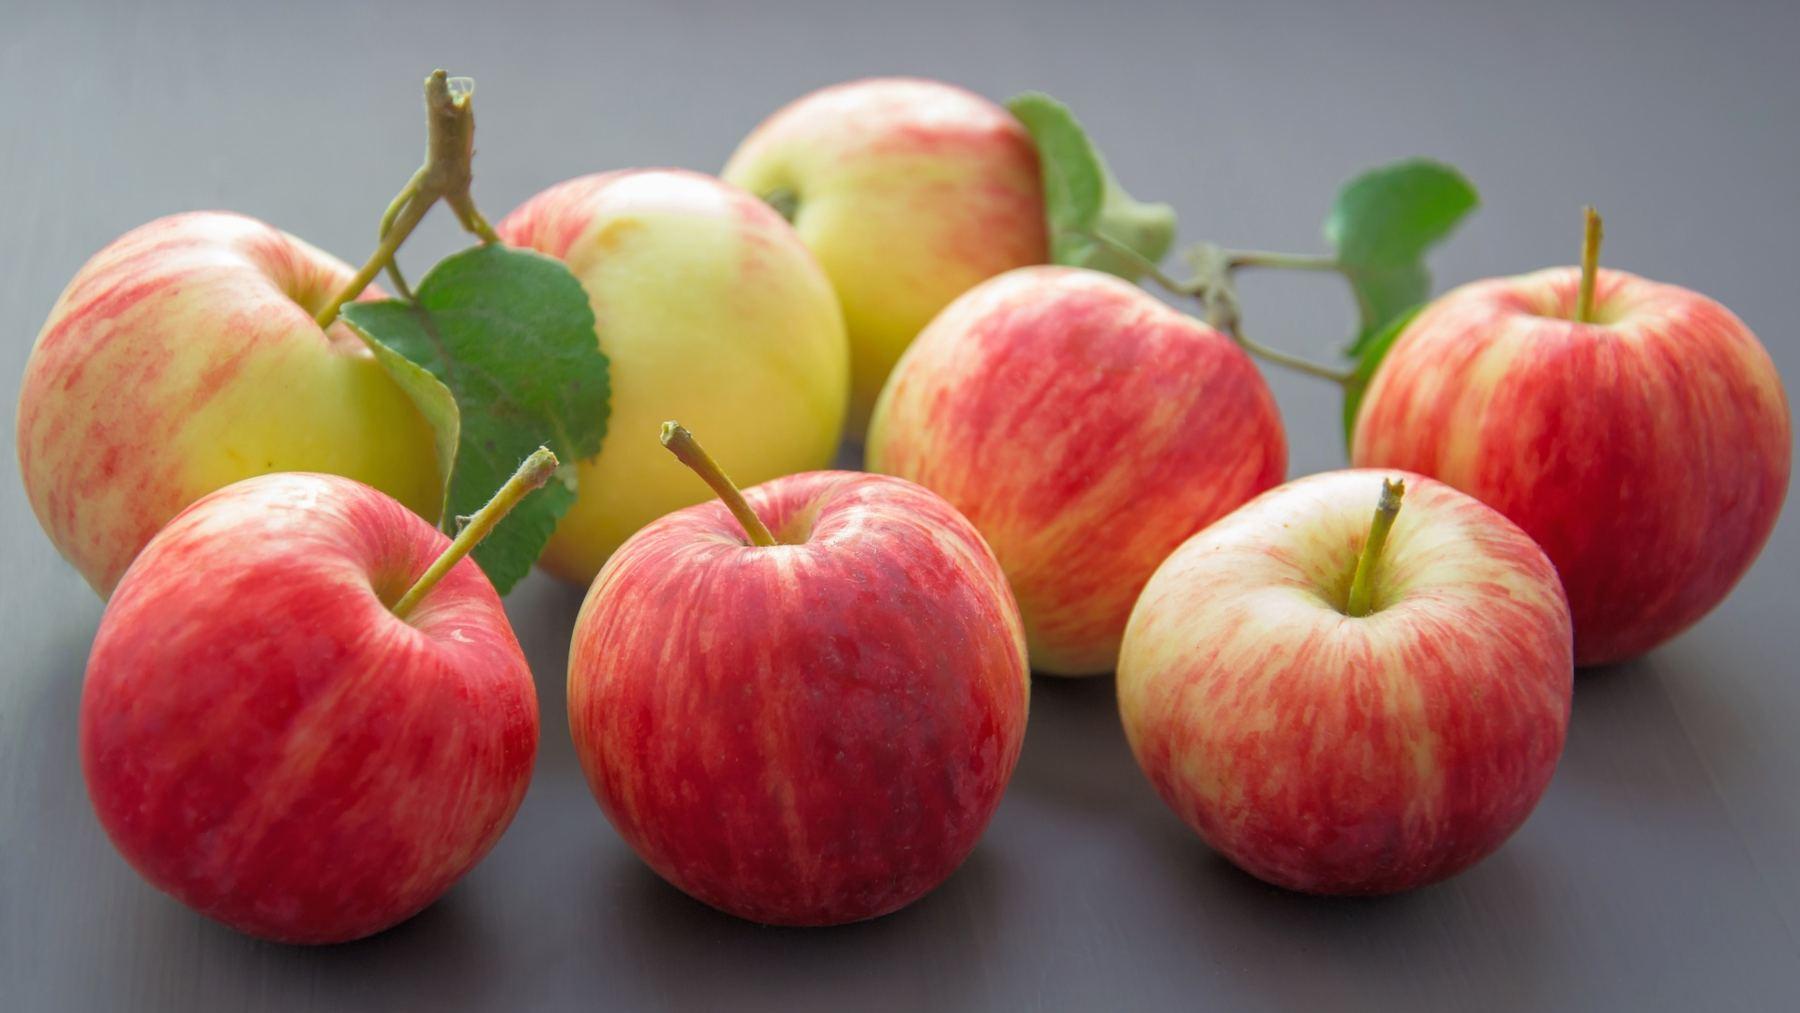 Variedades de manzana roja